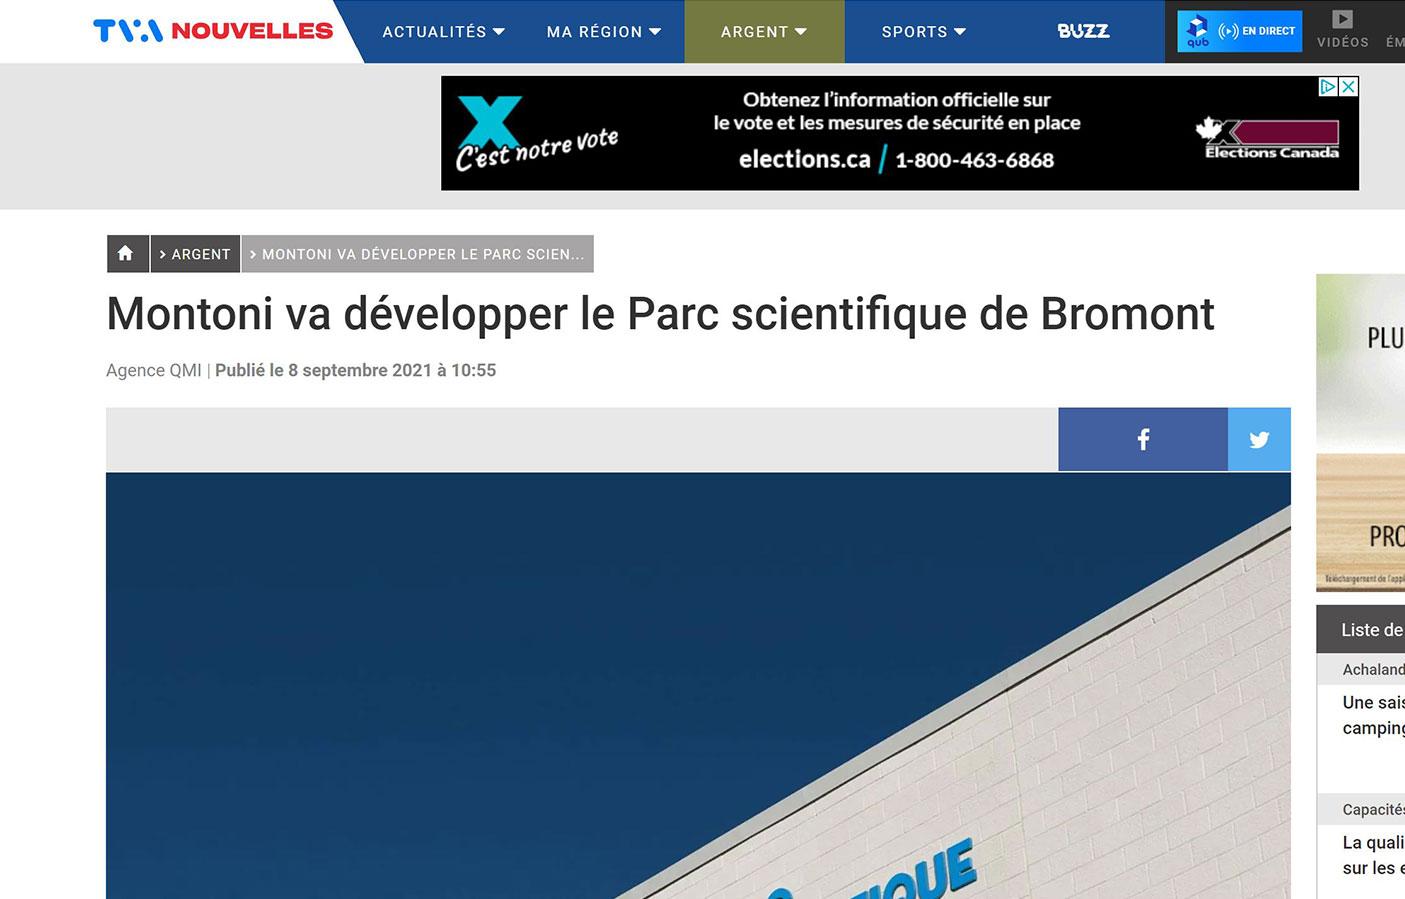 Montoni va développer le Parc scientifique de Bromont